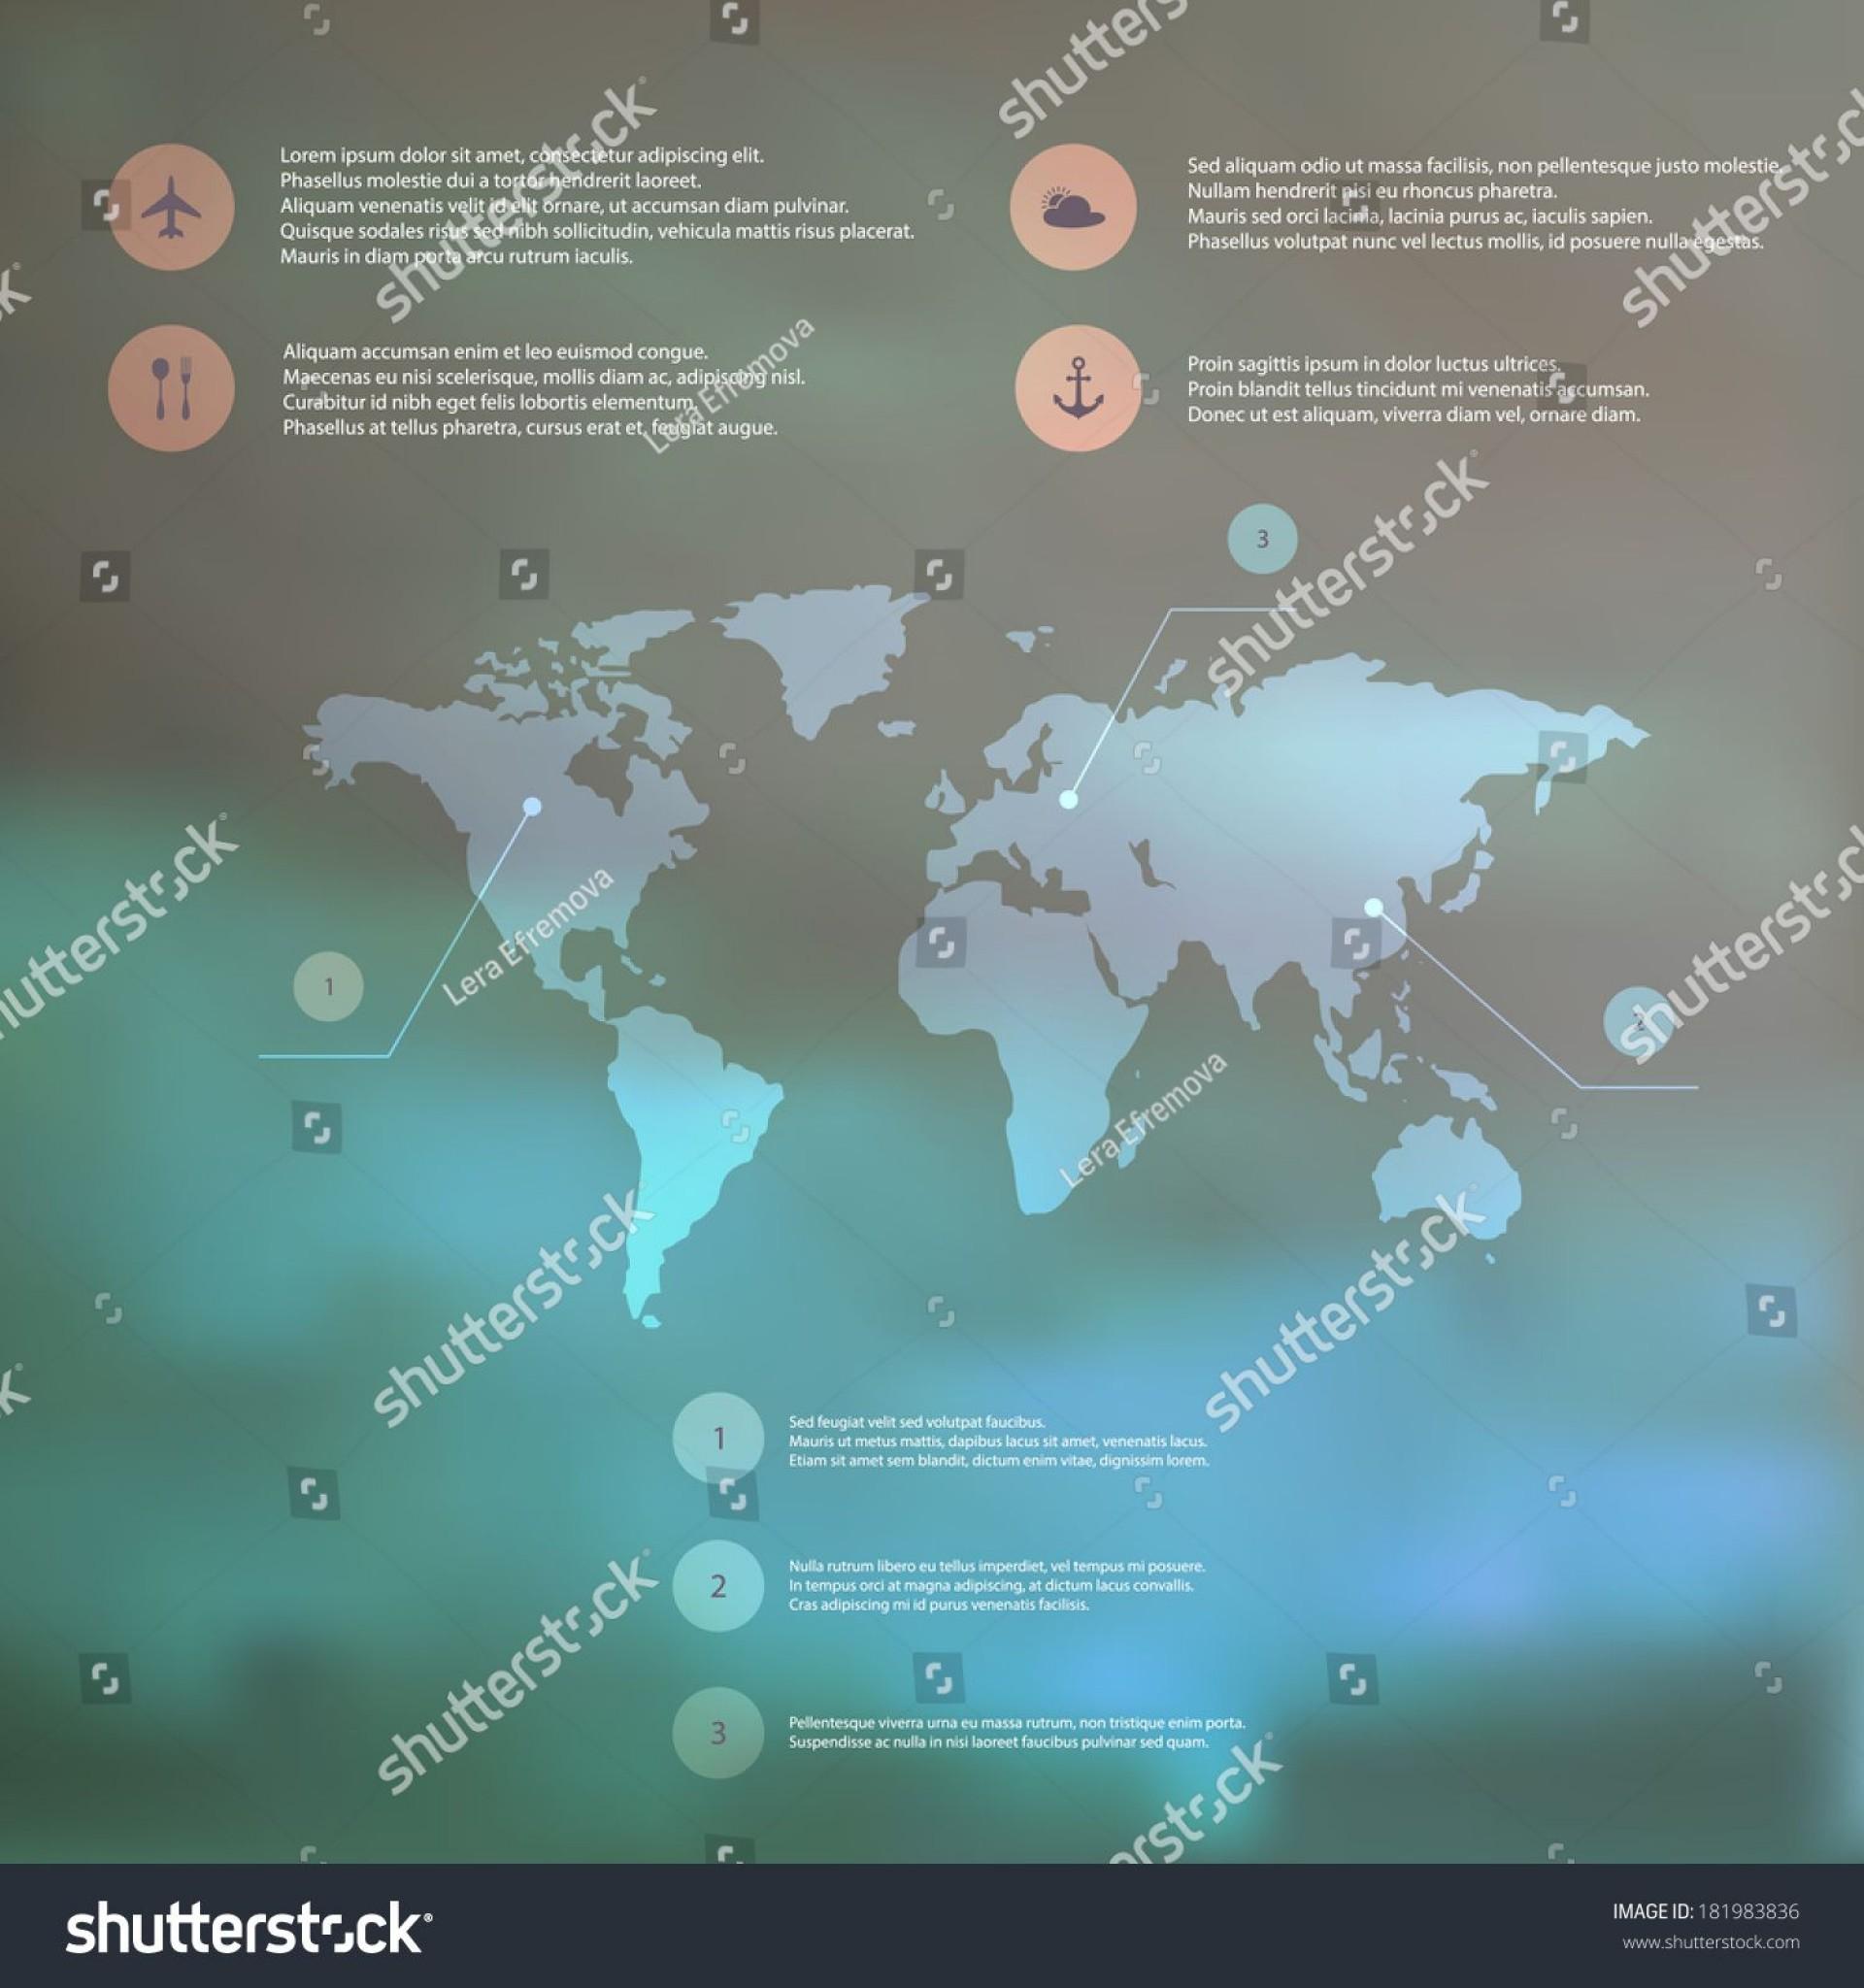 008 Excellent Website Design Site Map Template Concept 1920